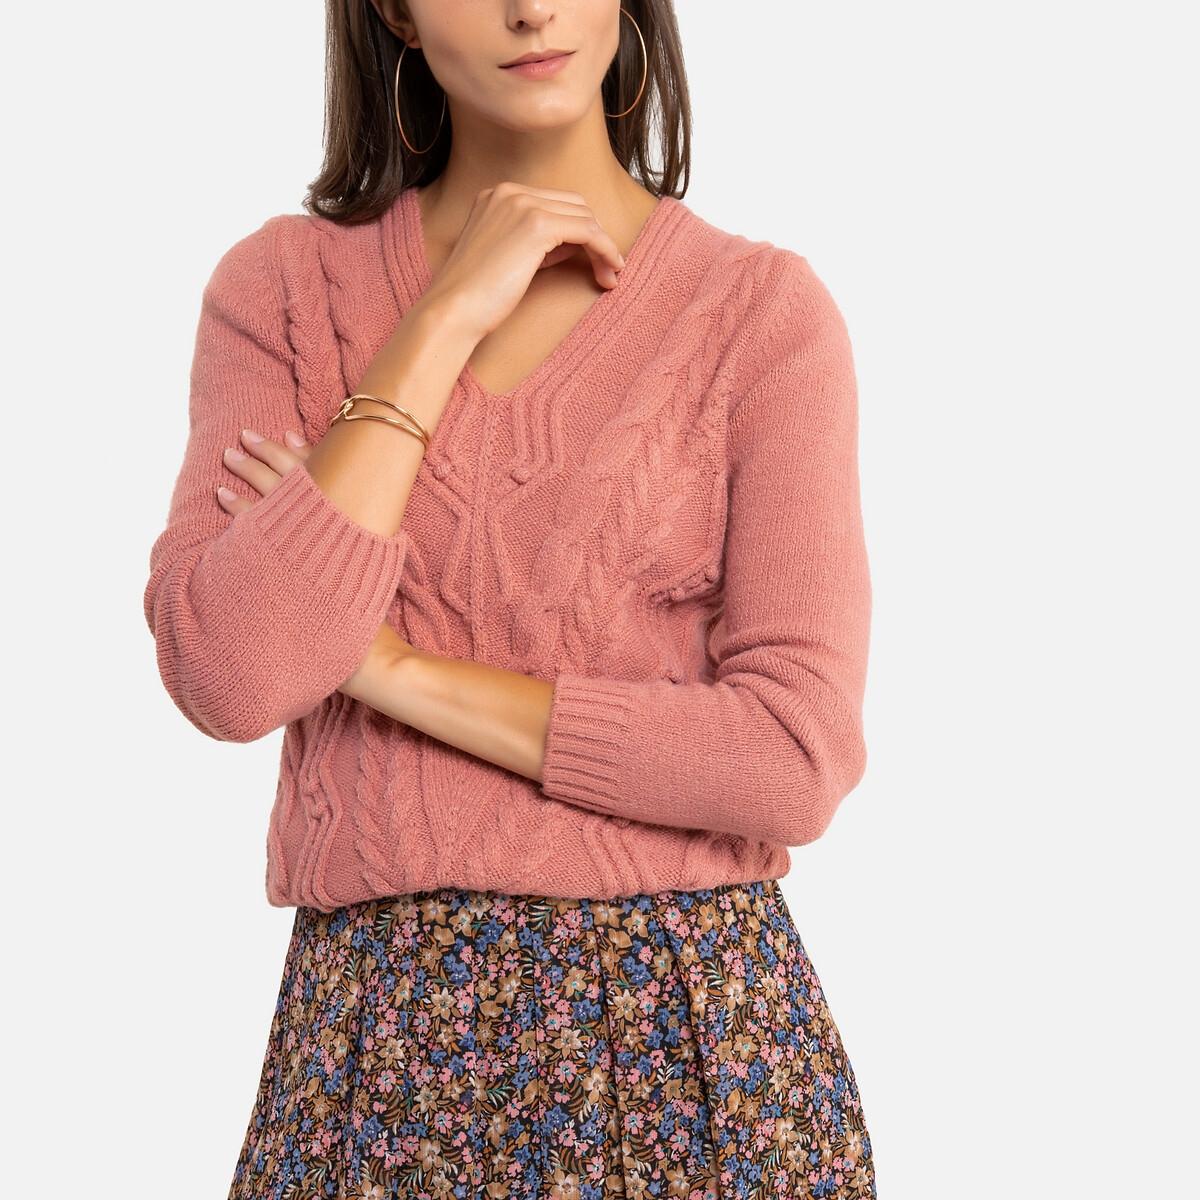 Пуловер LaRedoute С V-образным вырезом из плотного плетеного трикотажа 46/48 (FR) - 52/54 (RUS) розовый пуловер la redoute с открытыми плечами из плотного трикотажа с узором косы 40 fr 46 rus зеленый